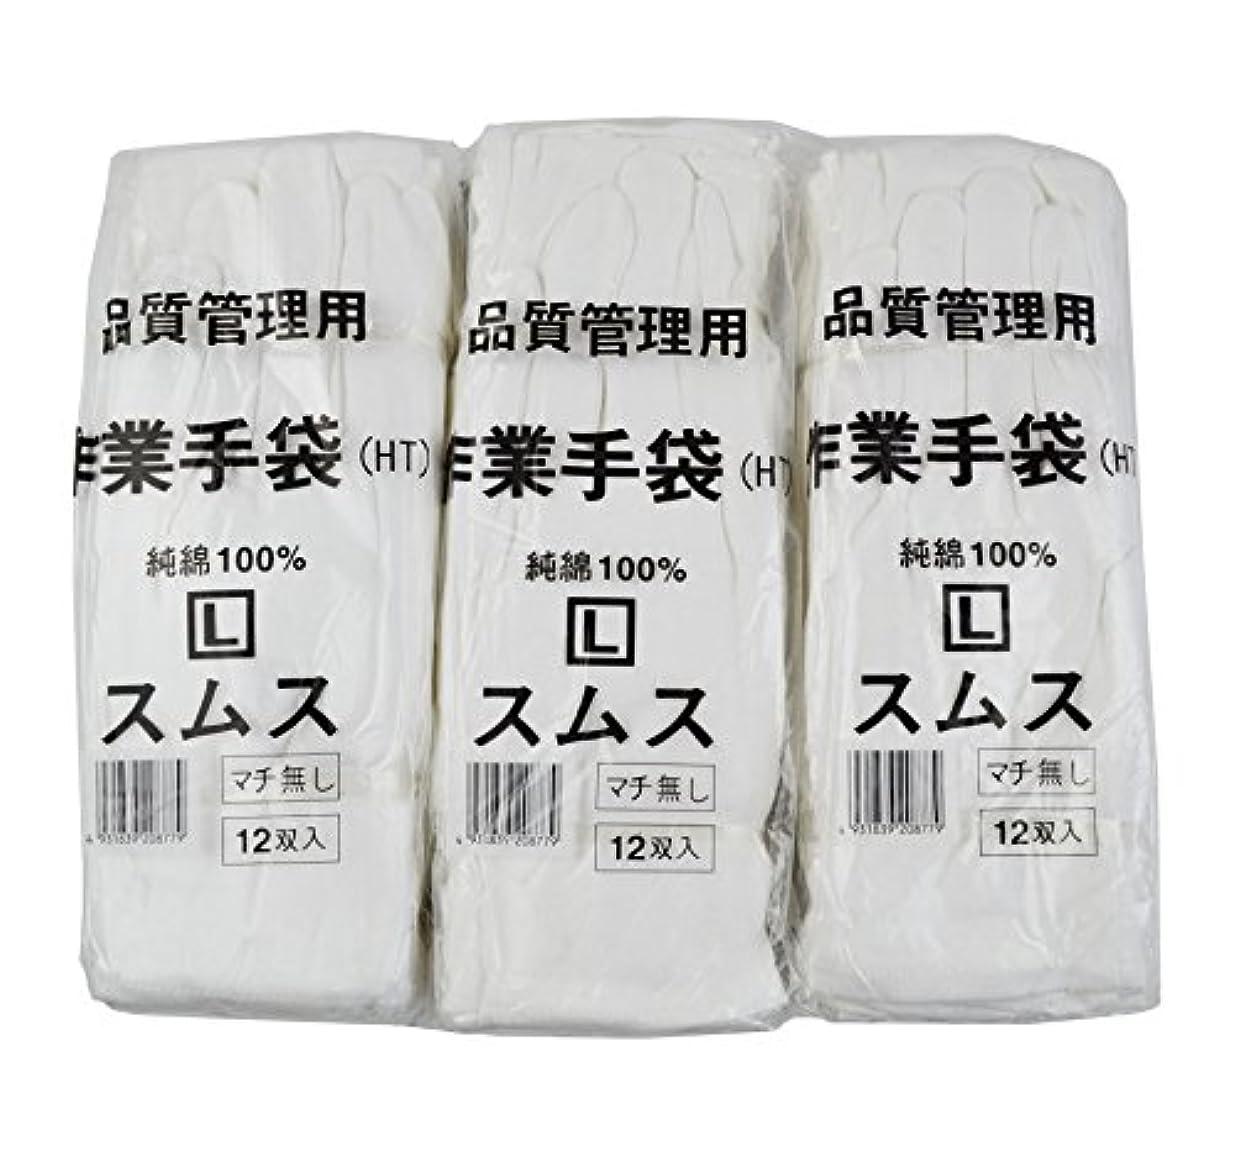 【お得なセット売り】(36双) 純綿100% スムス 手袋 Lサイズ 12双×3袋セット 大人用 多用途 作業手袋 101118